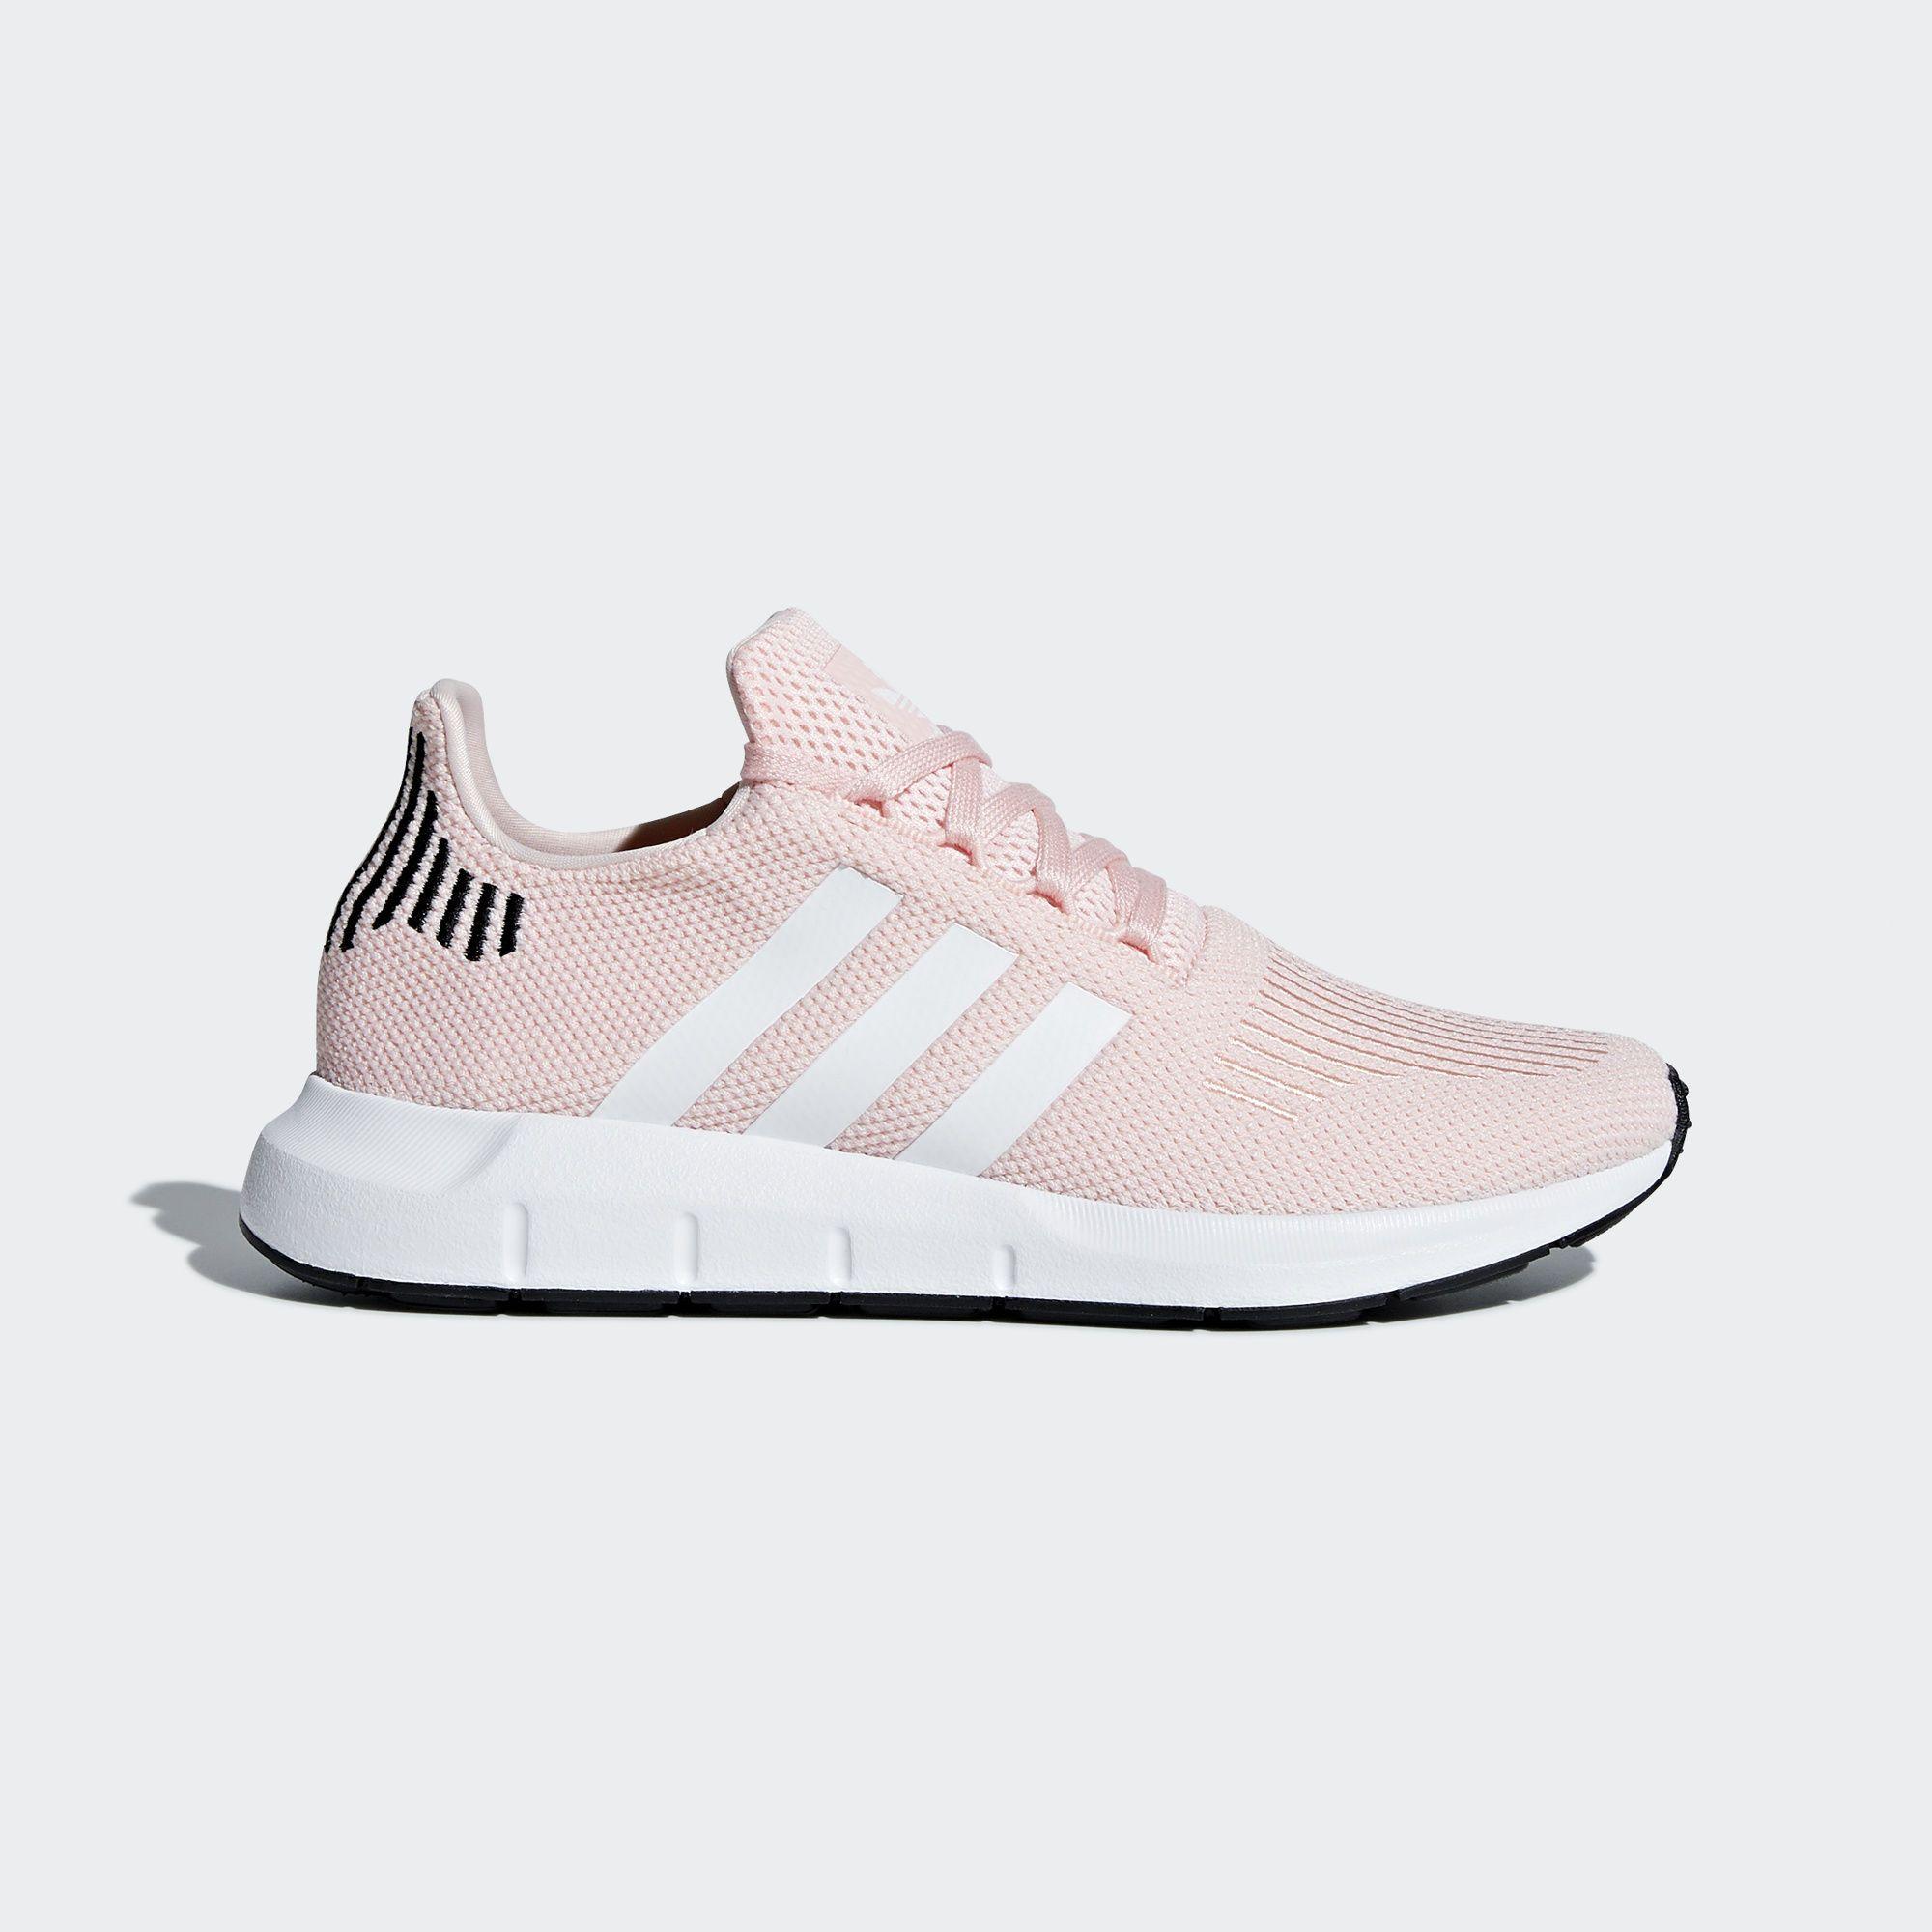 Vind jouw Swift Run Schoenen roze op adidas.nl! Bekijk